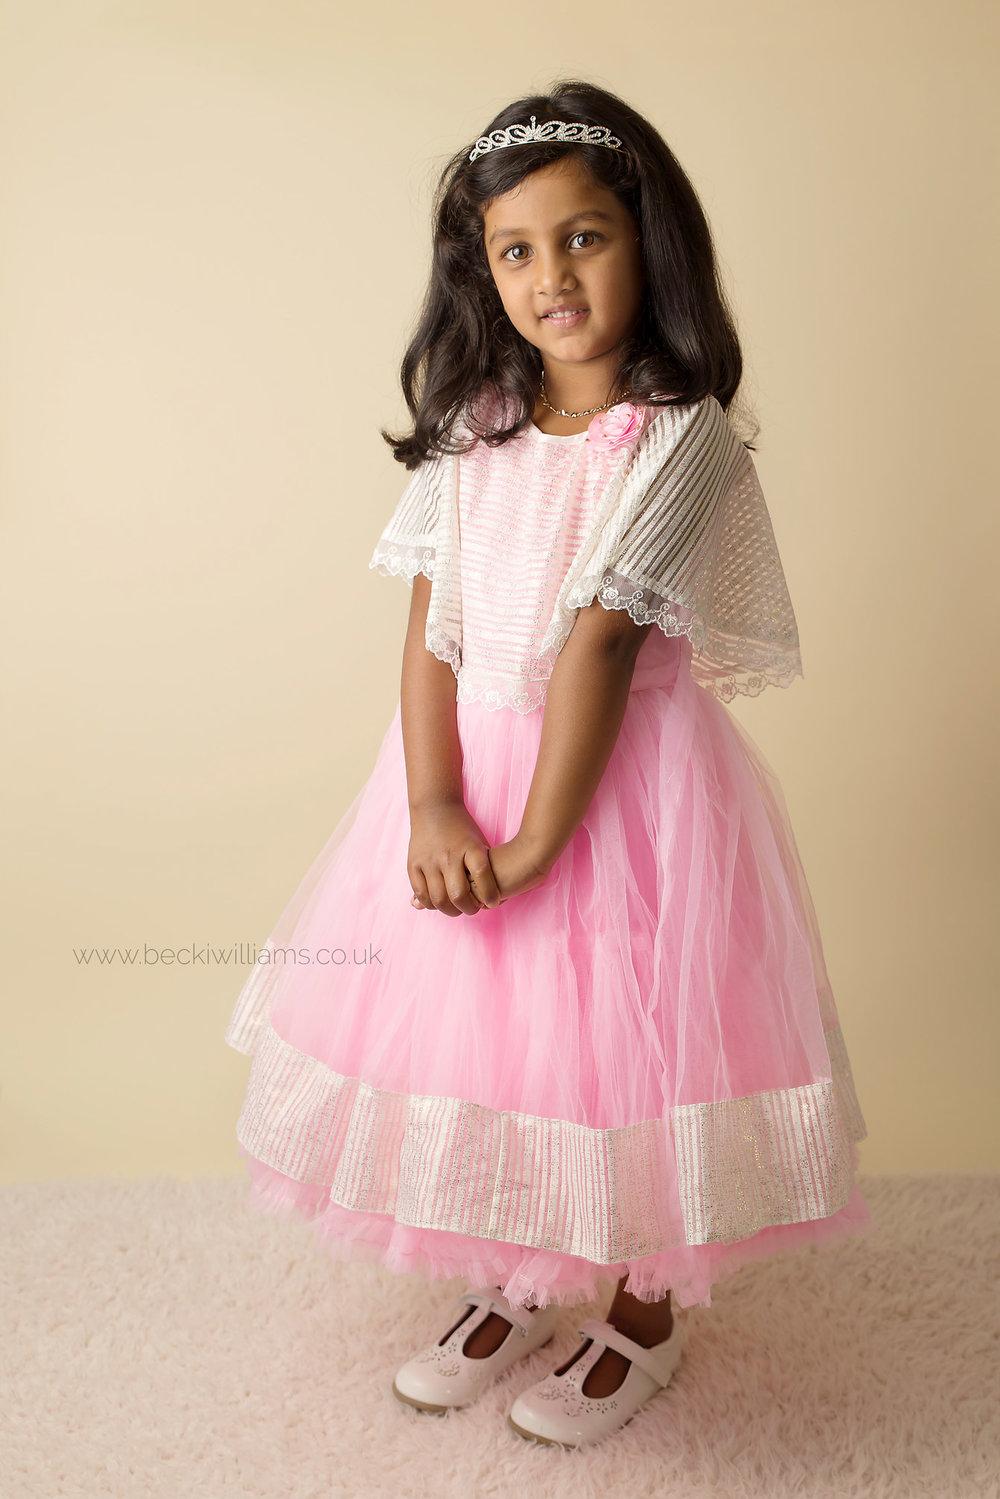 5 year old standing in a pink dress in a studio setting in hemel hempstead